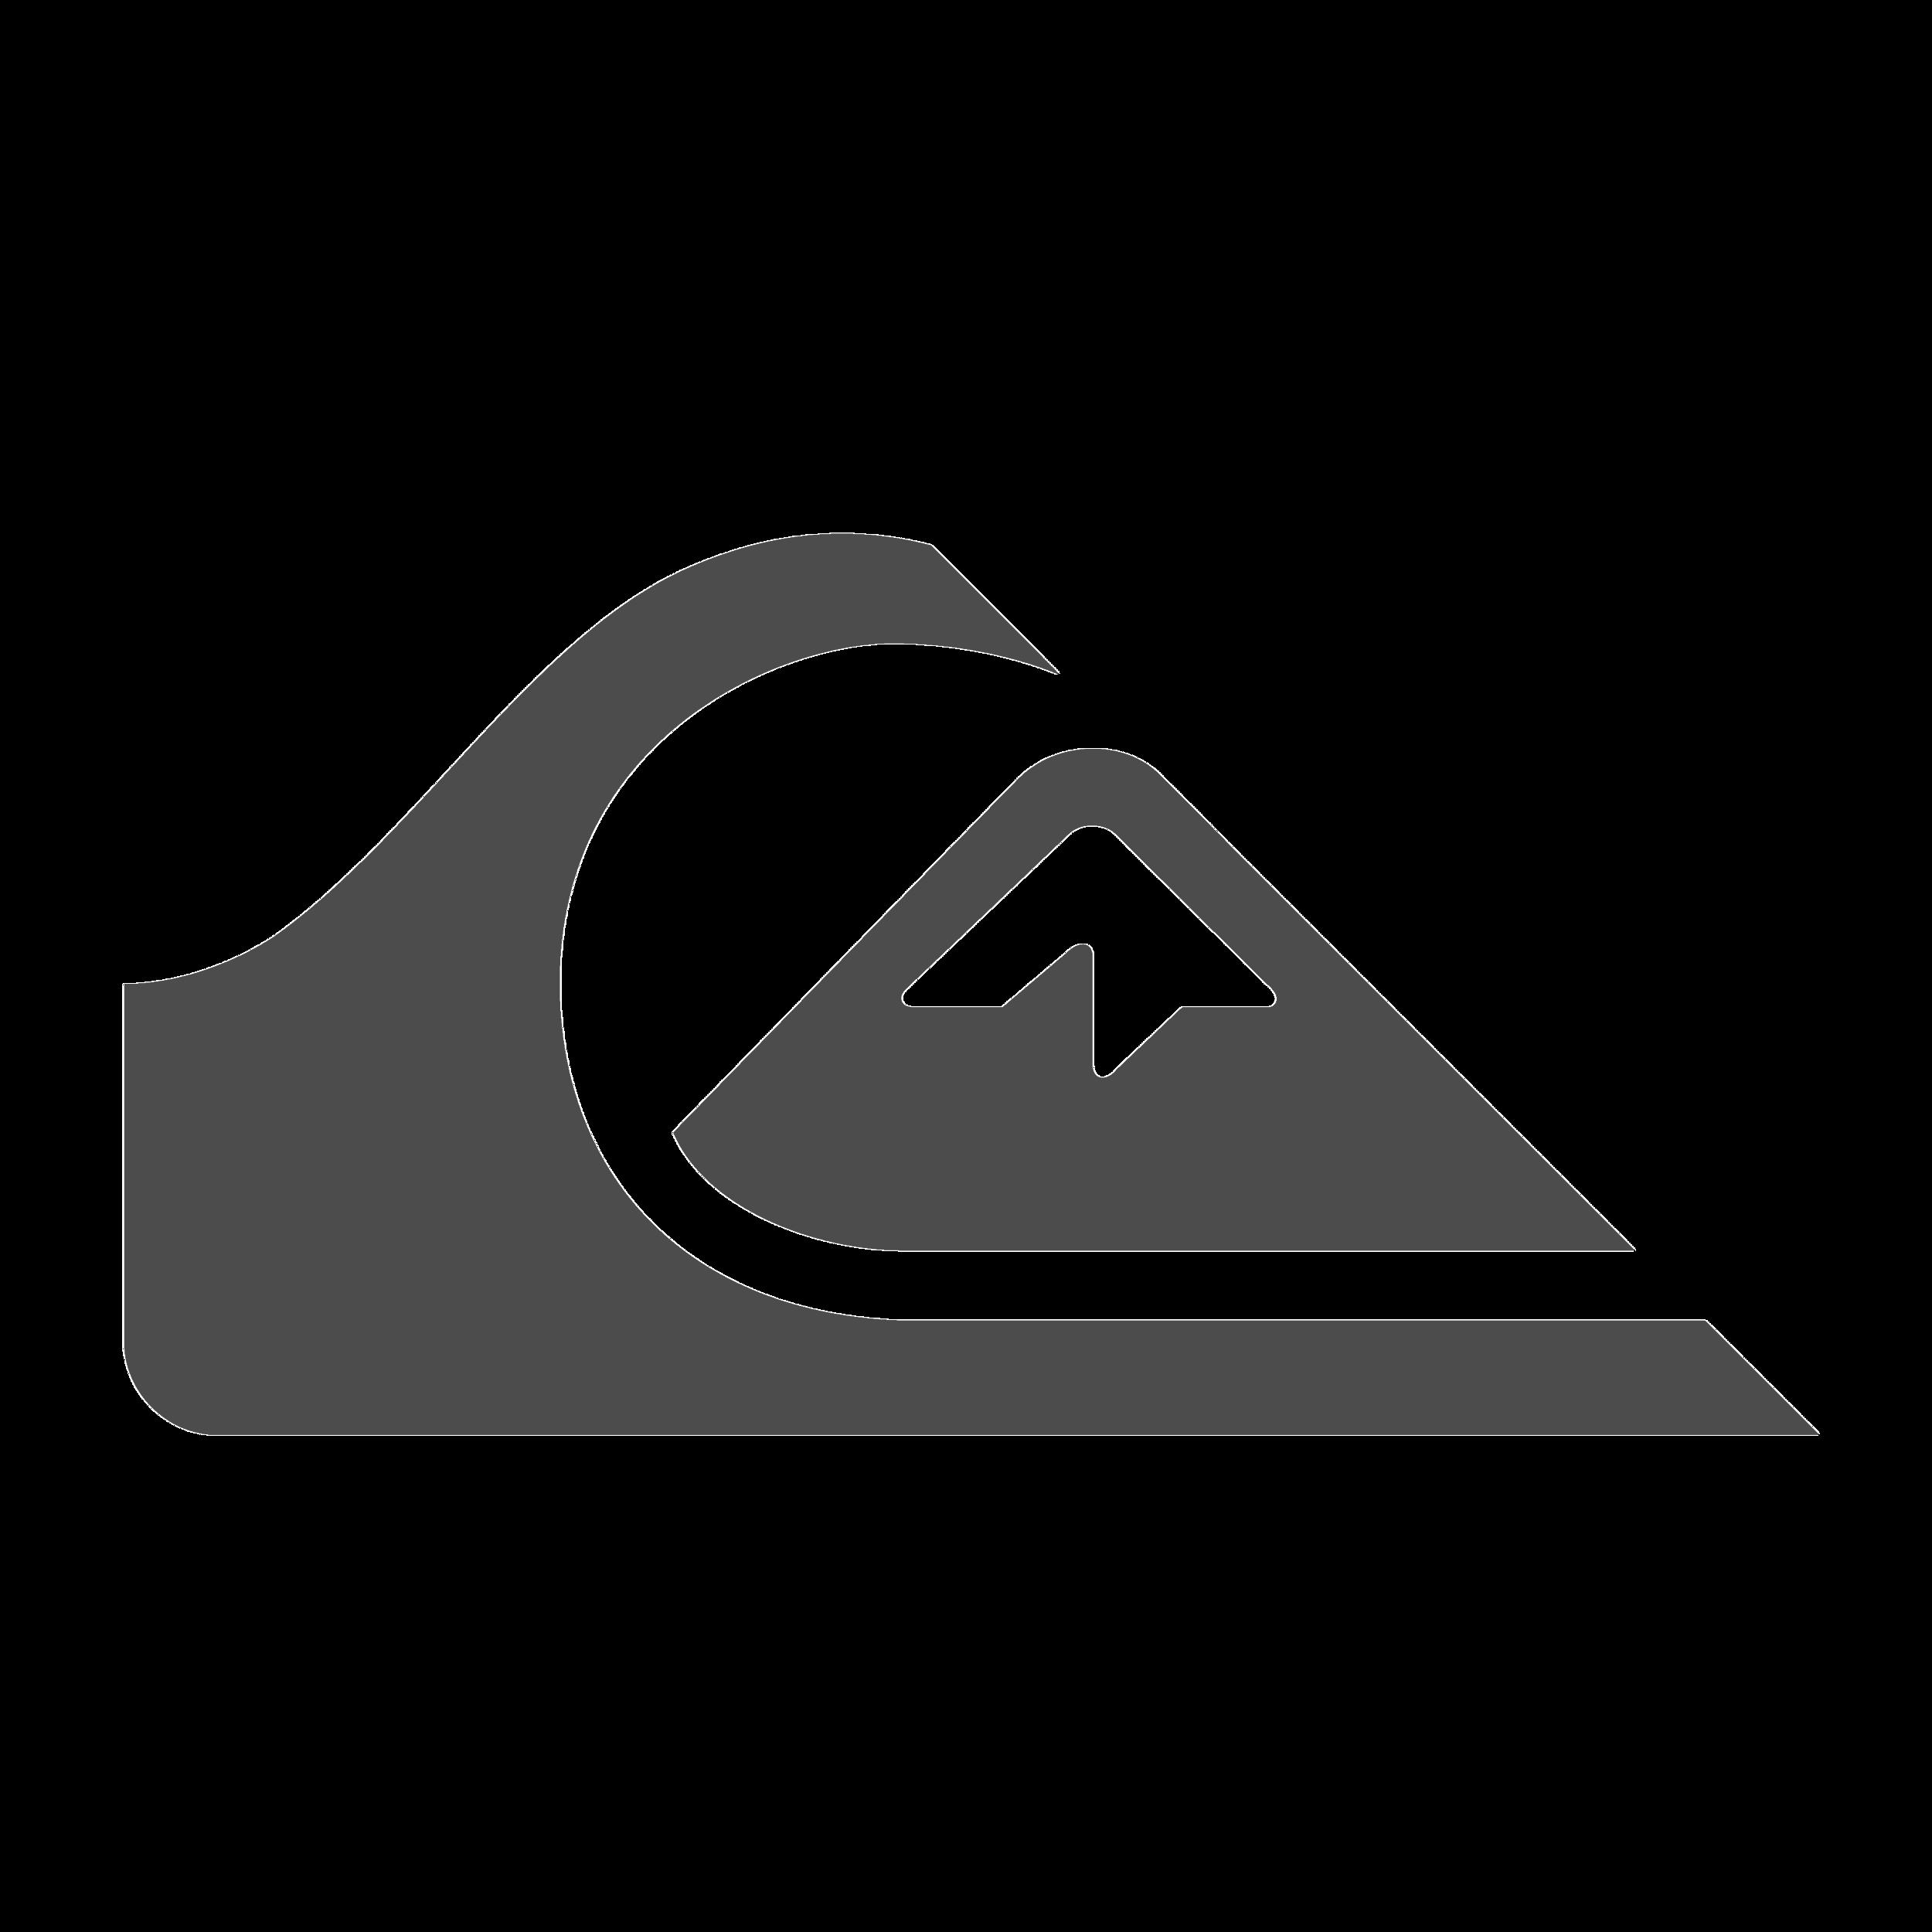 Quiksilver_emblem_symbol_logo.png